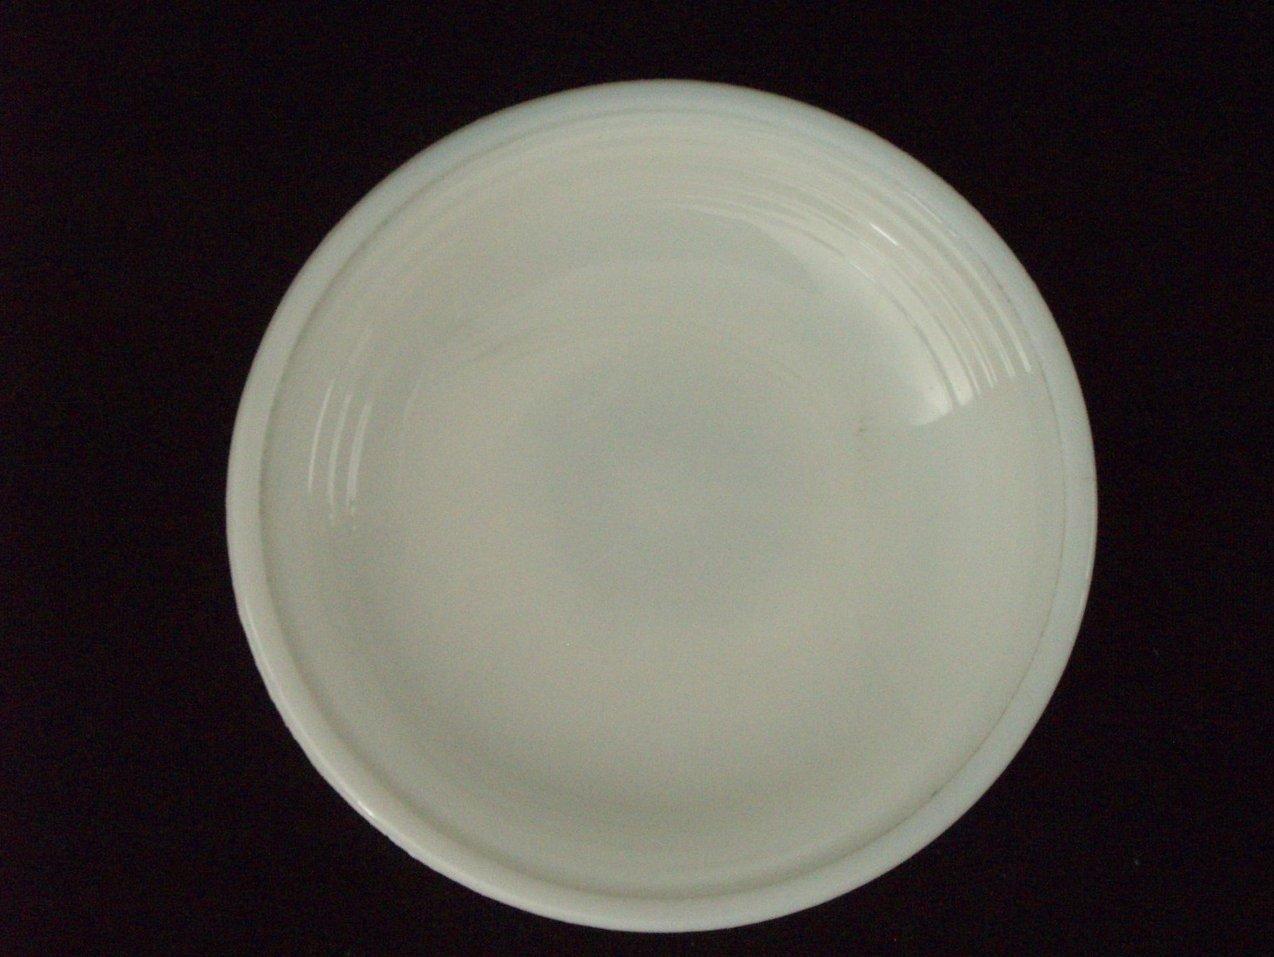 '.Akro Agate white plate.'